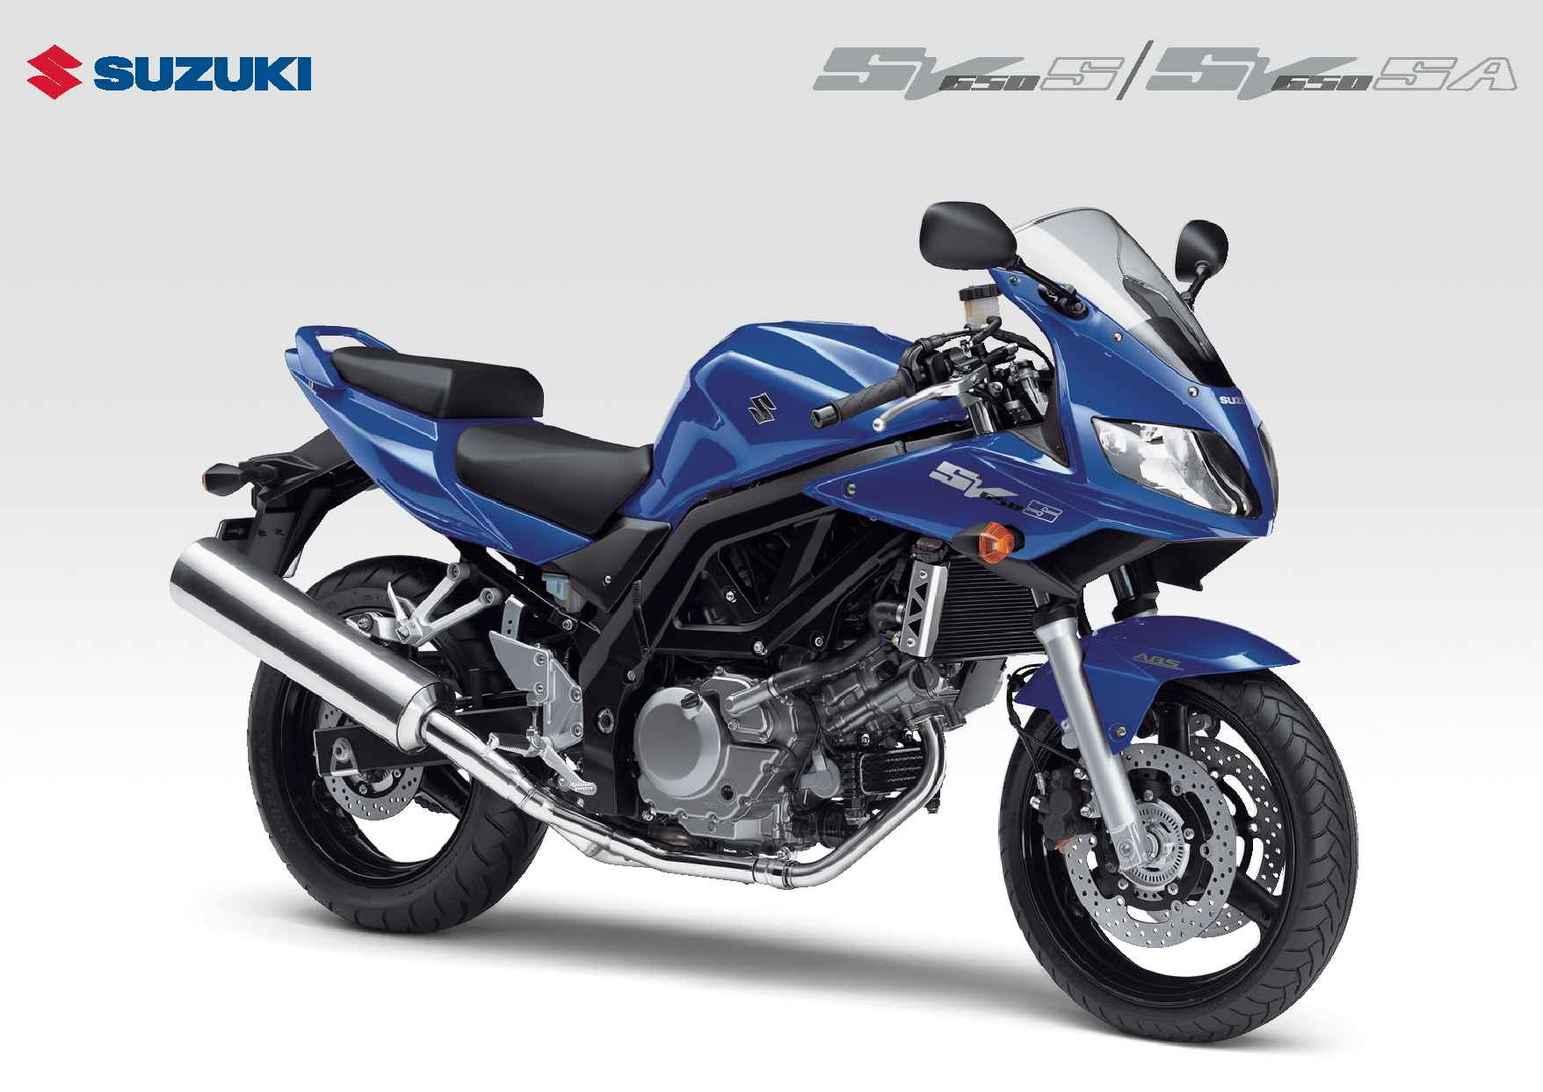 Suzuki - 99999 A 0113 171